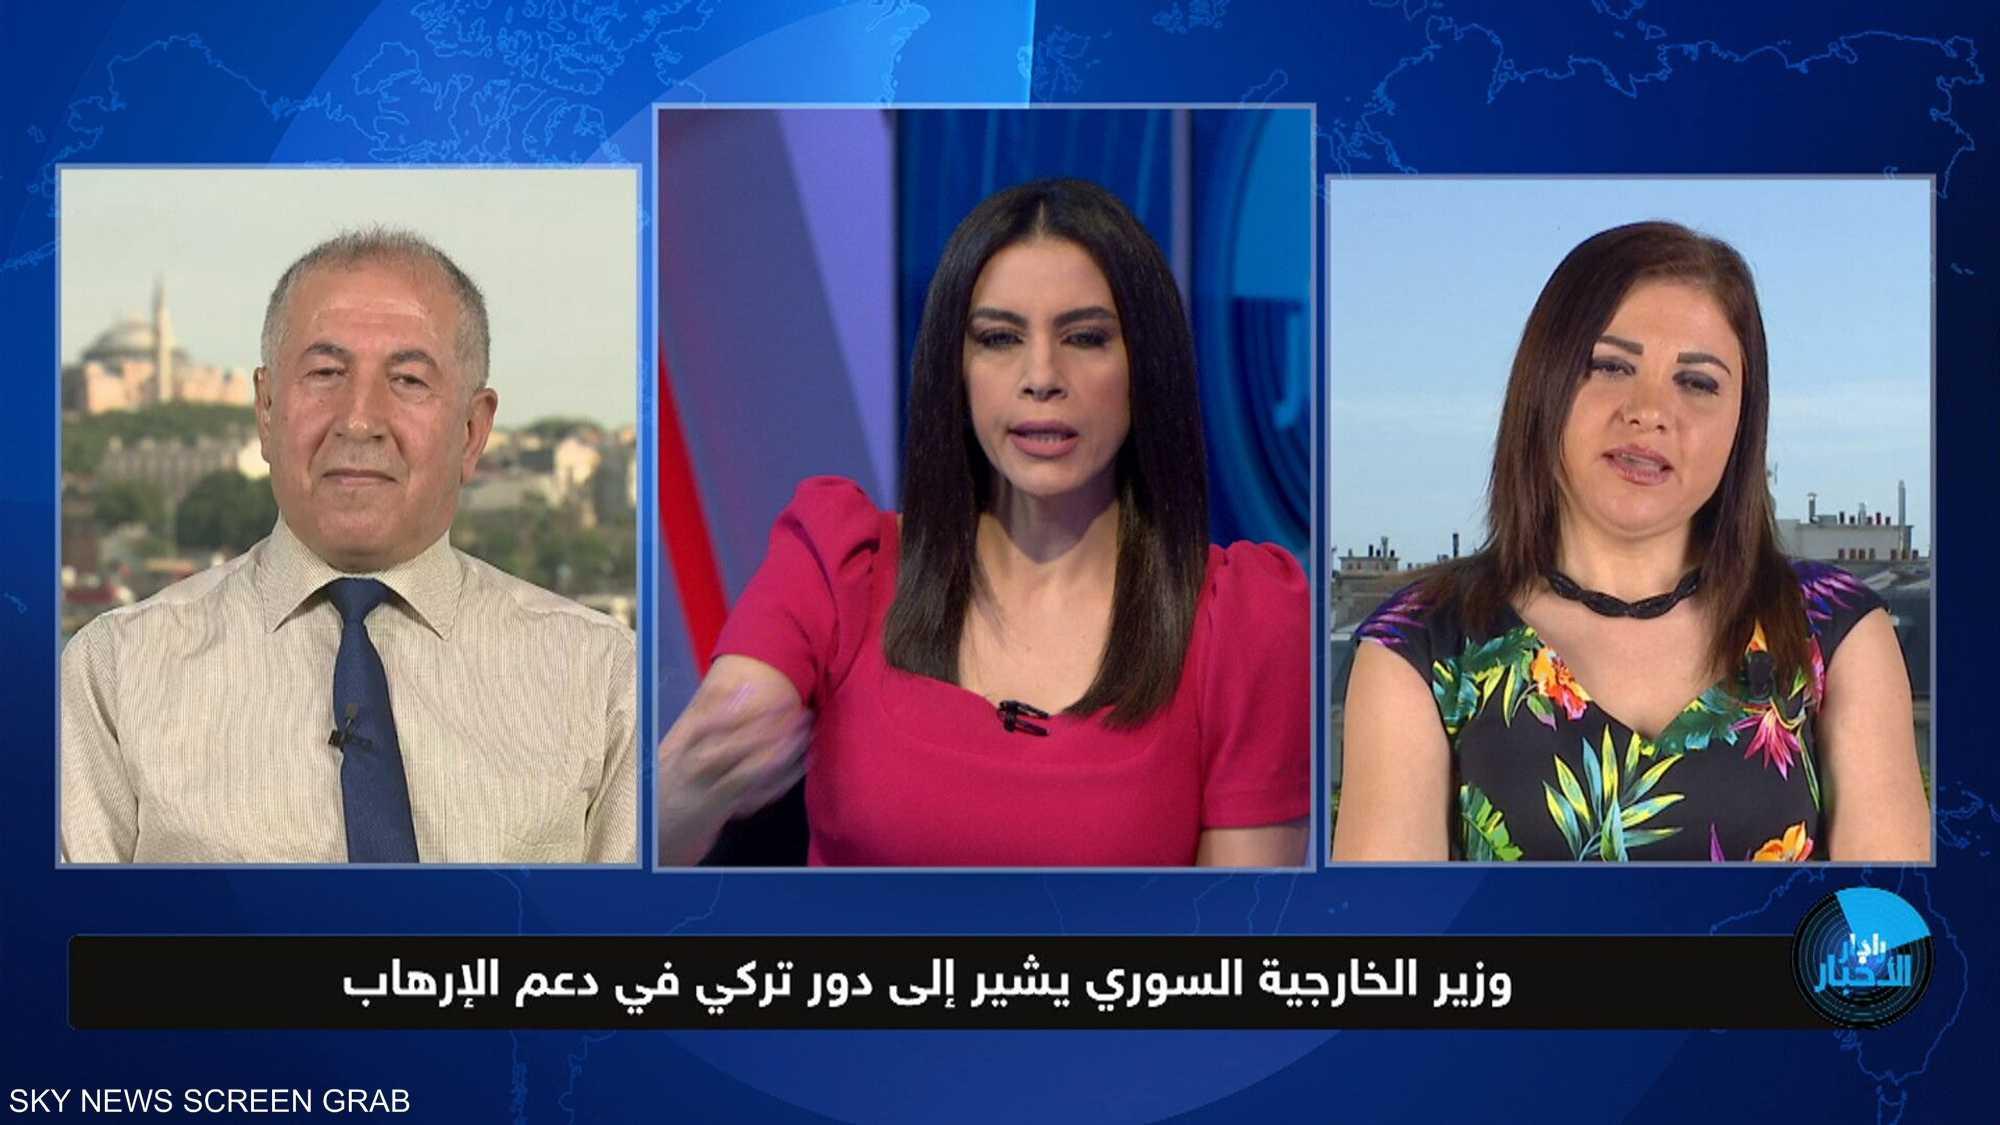 وزير الخارجية السوري يشير إلى دور تركي في دعم الإرهاب